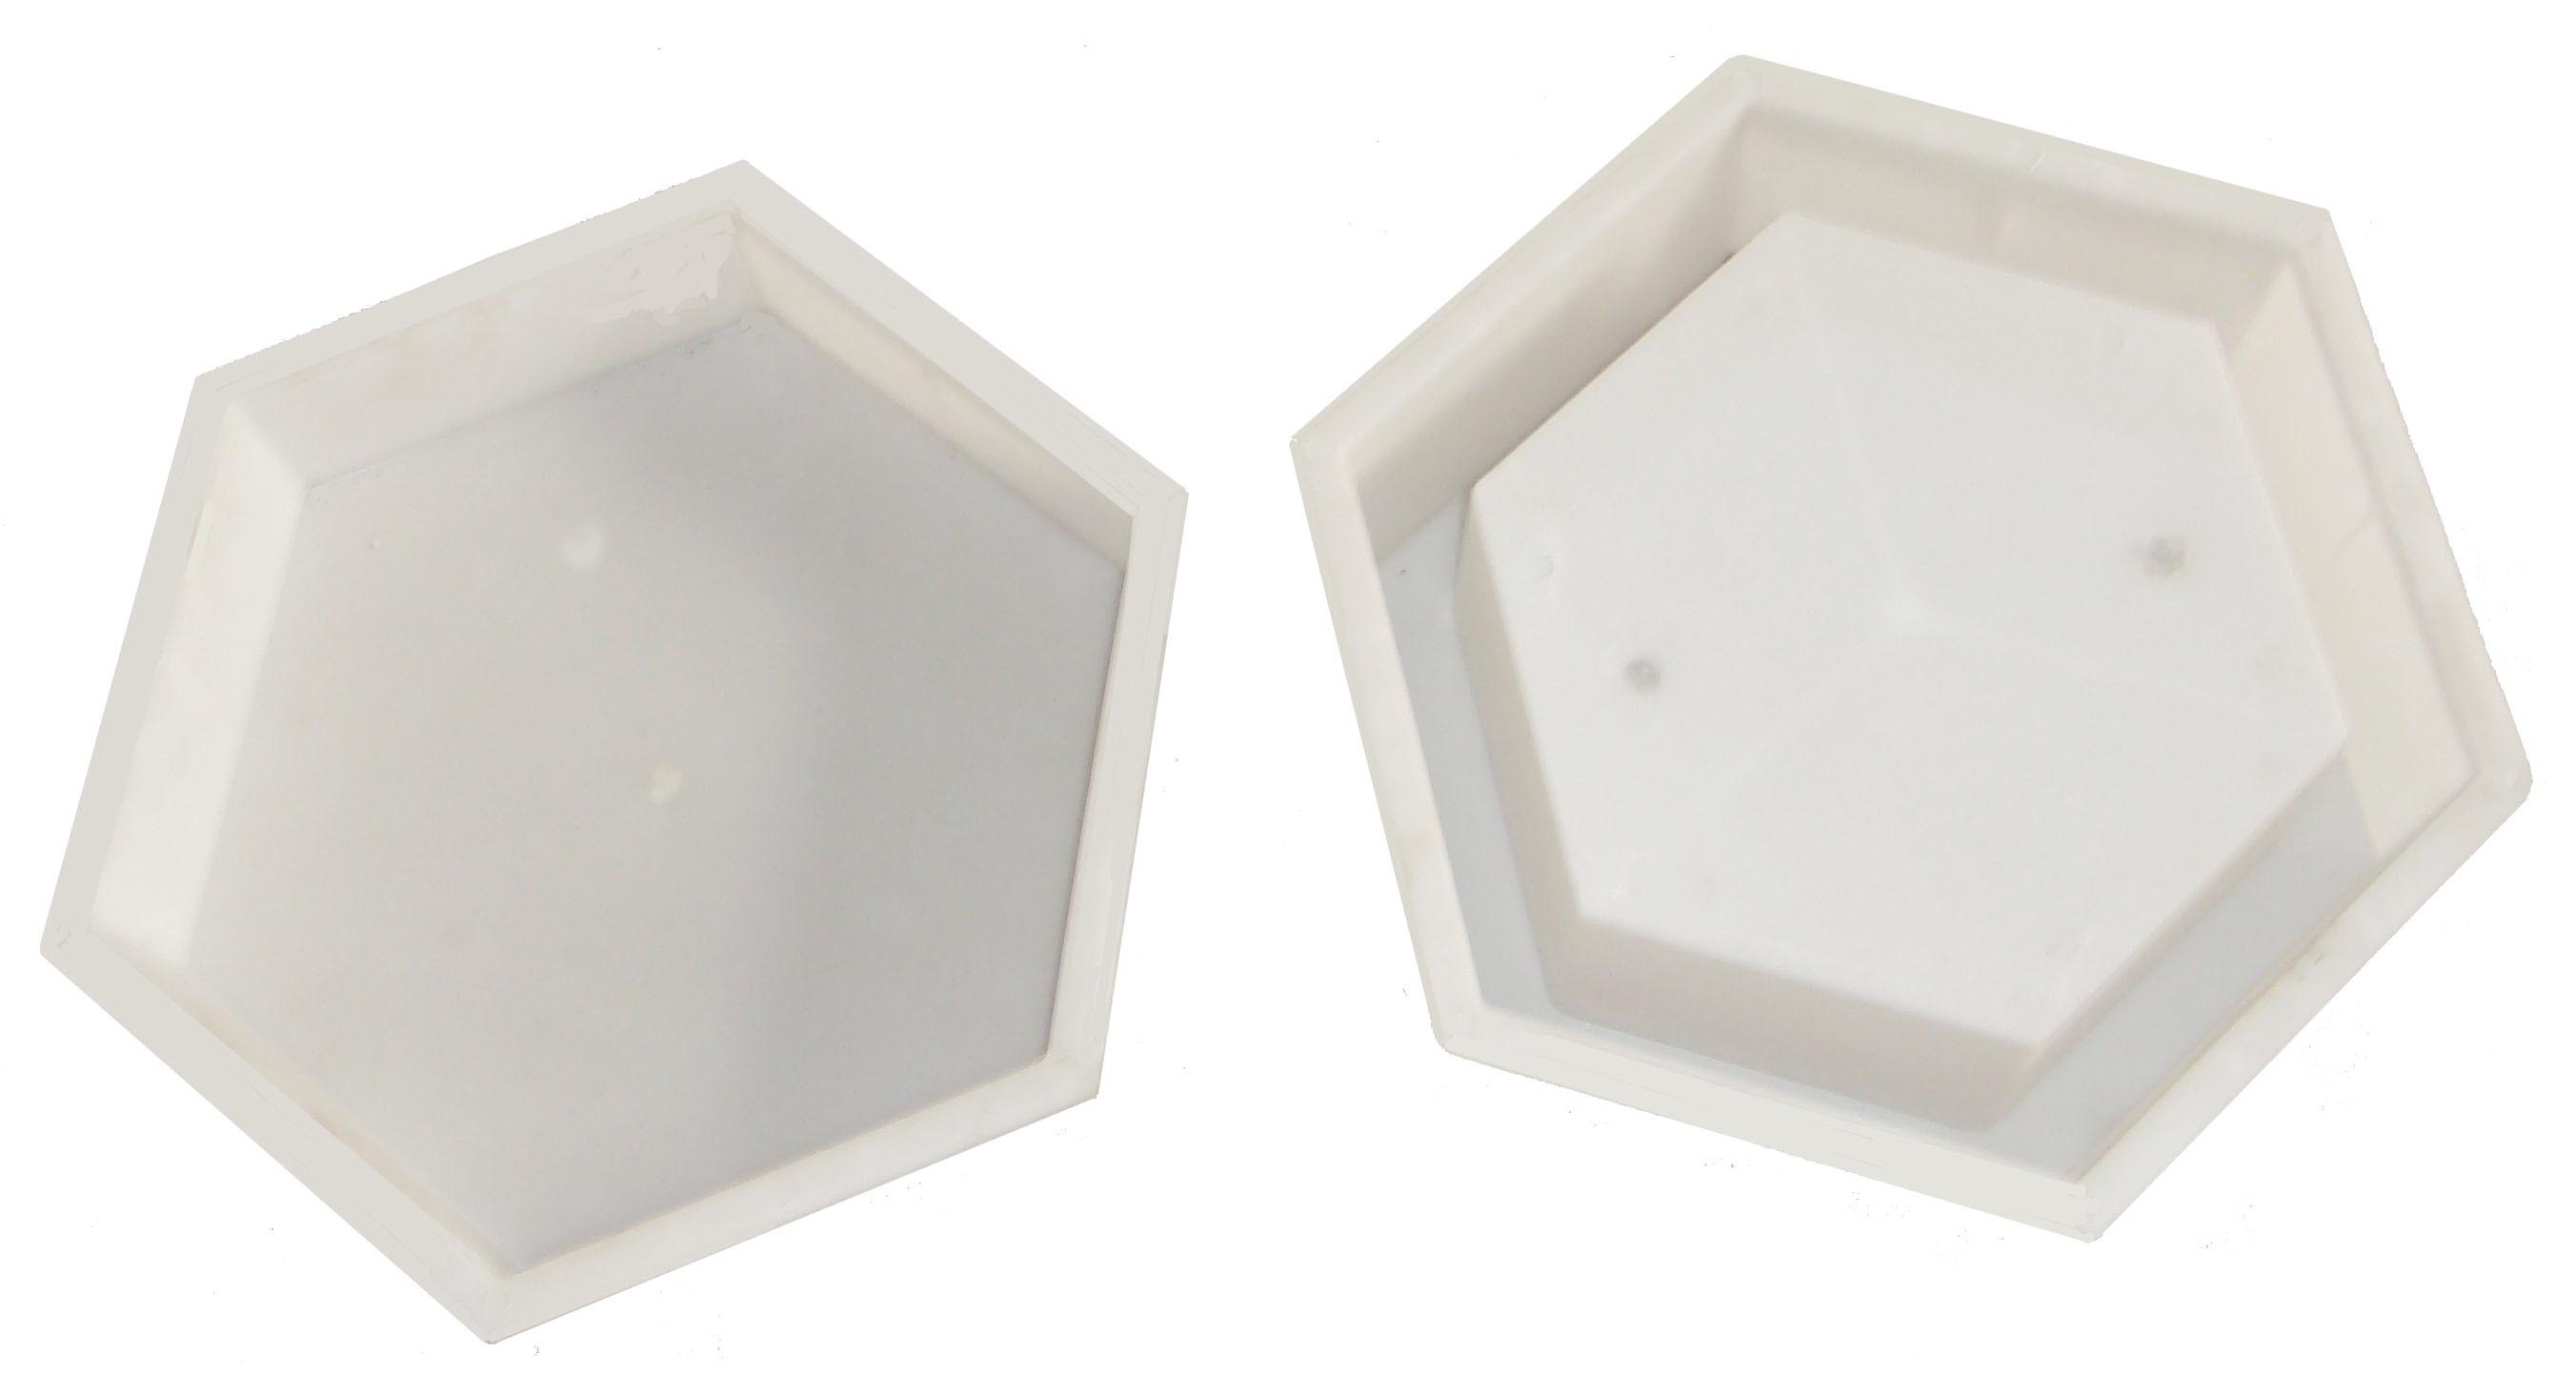 公路市政塑料模具供应:专业的塑料地砖模具西安模具供应